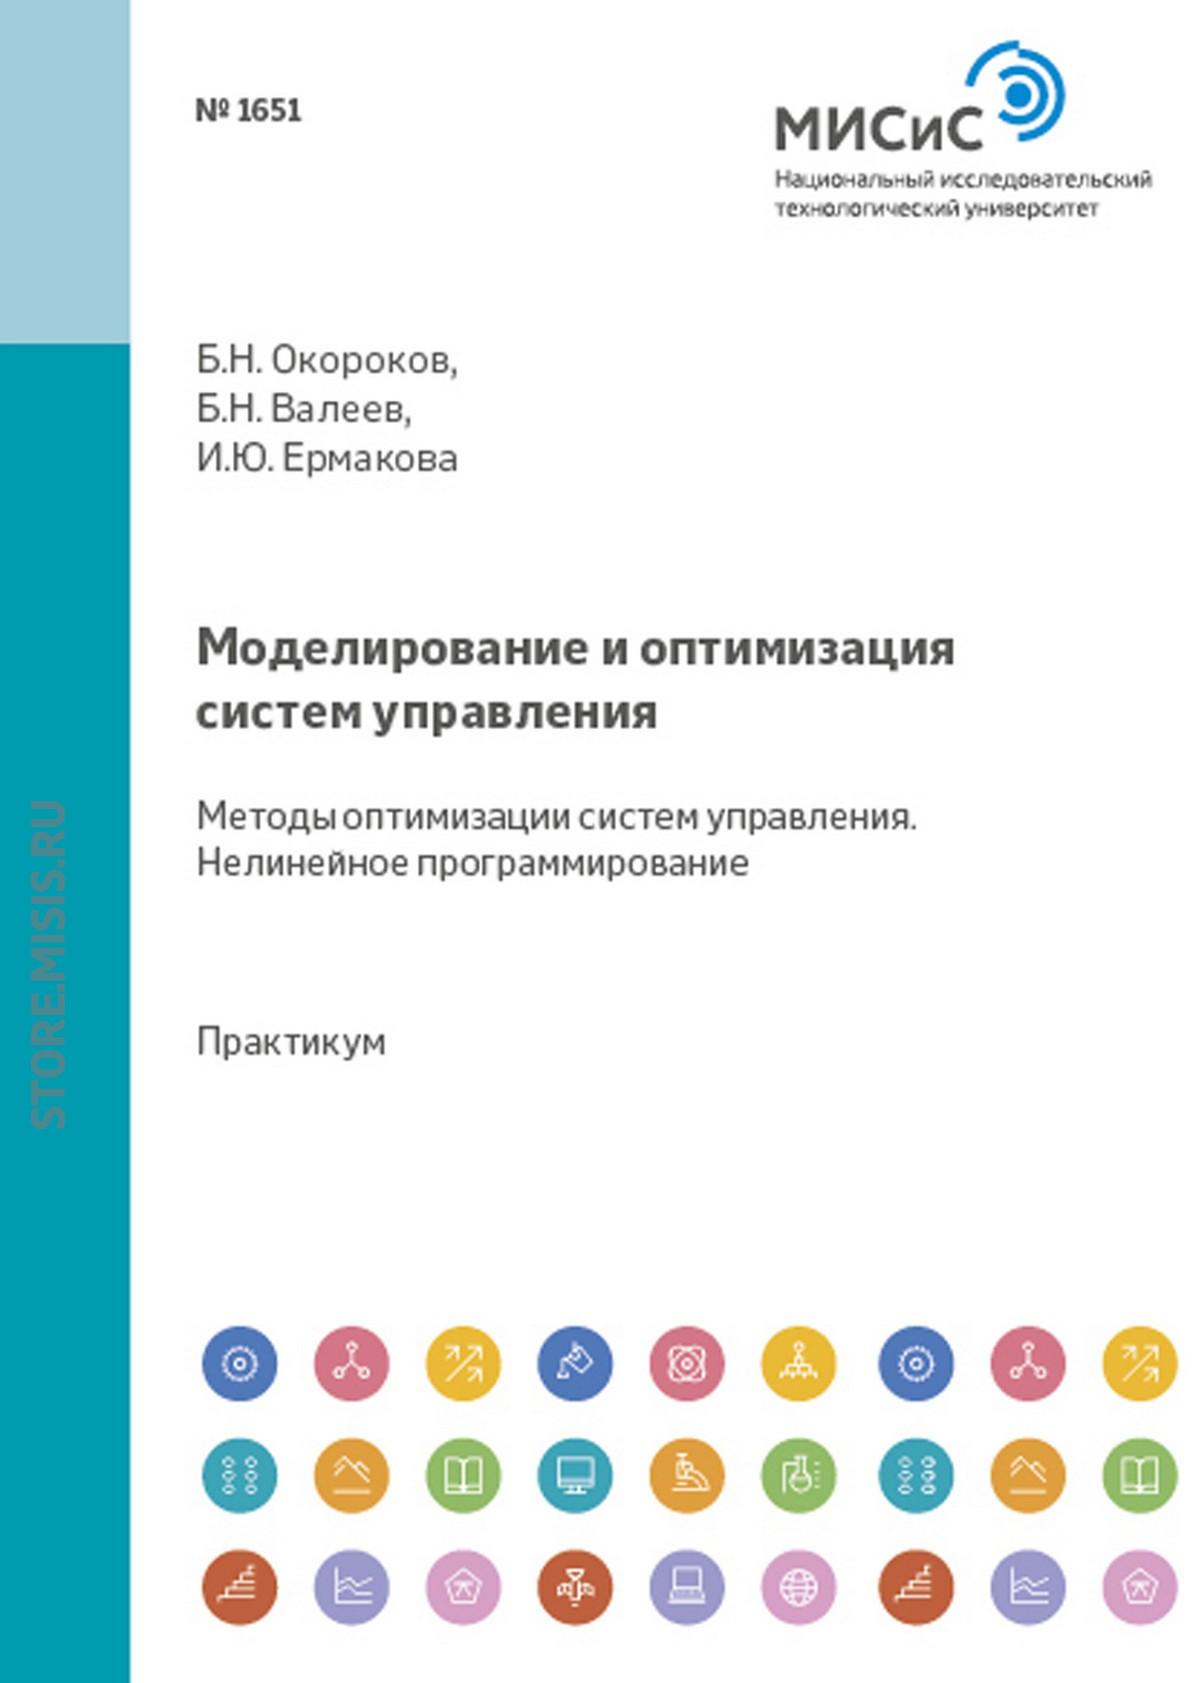 Б. Валеев Моделирование и оптимизация систем управления. Методы оптимизации систем управления. Нелинейное программирование